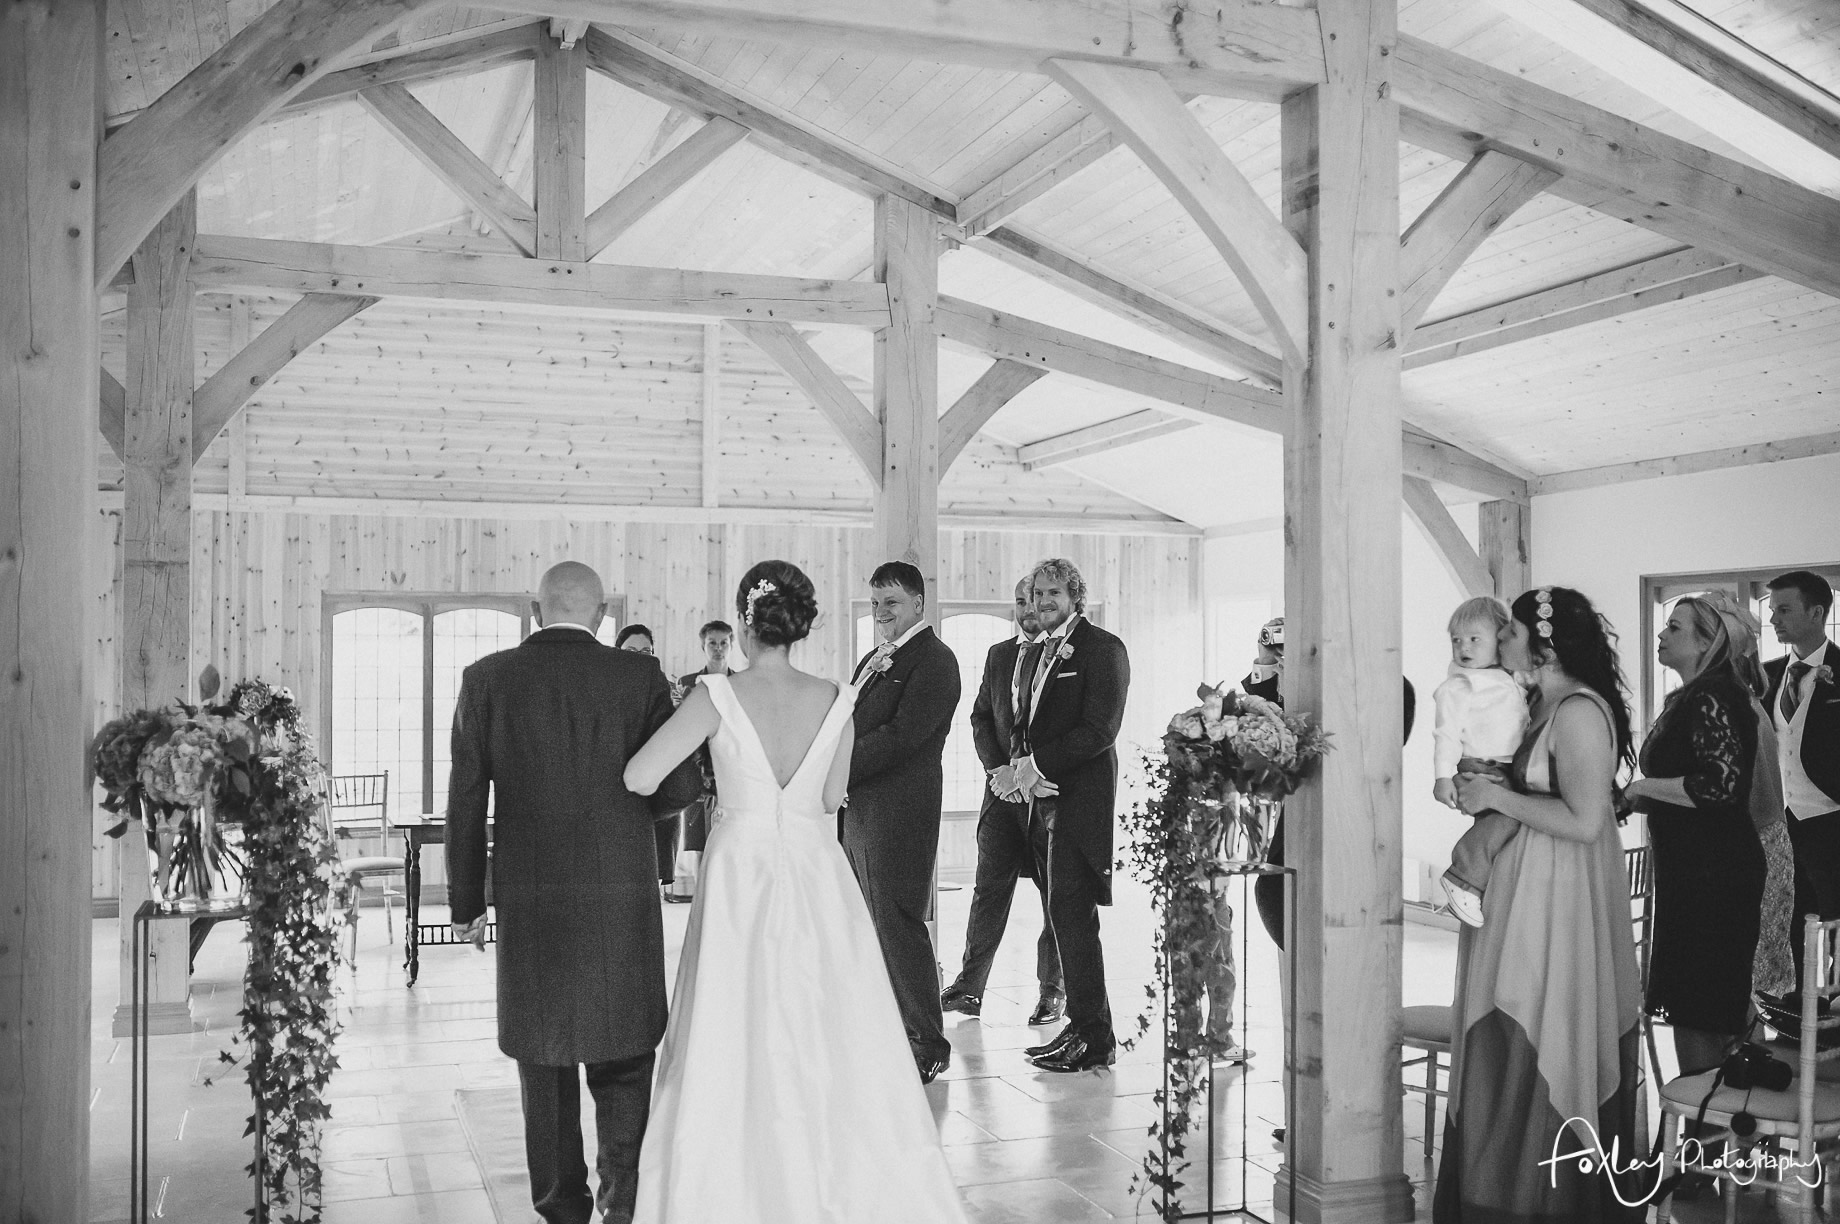 Simona-and-Robert-Wedding-at-Colshaw-Hall-098